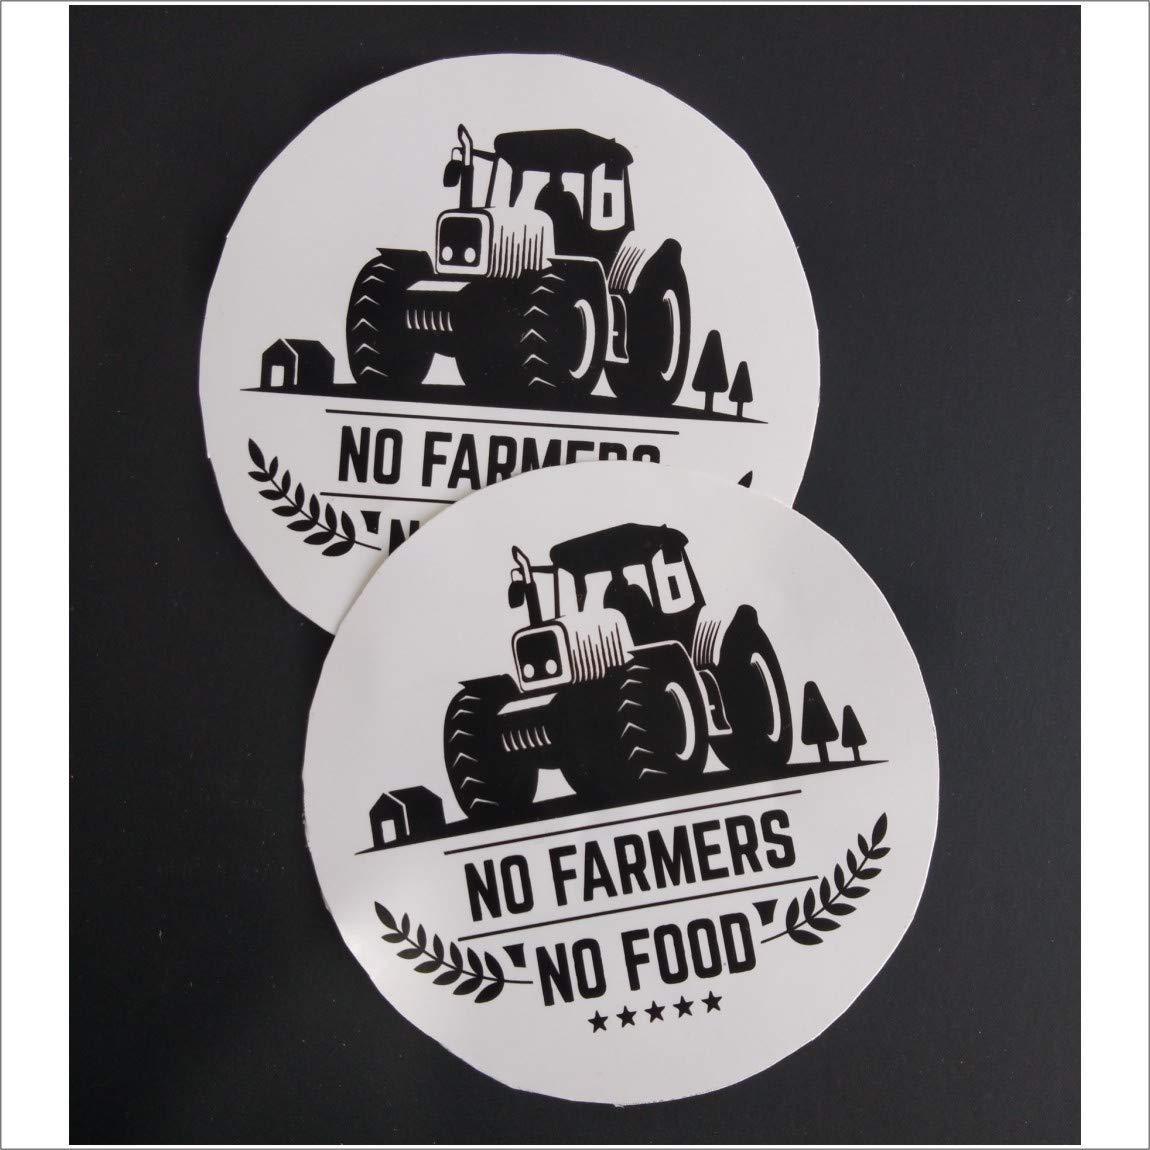 1150x1150 Không có Nông dân, Không có Đề can Hình dán Thực phẩm cho Tường Xe đạp Xe hơi trong Vinyle Đen và Trắng.  Dán nhiều lớp Hỗ trợ nông dân 3,5 inch X 3,5 inch.  Gói 2 chiếc.  : Sản phẩm văn phòng